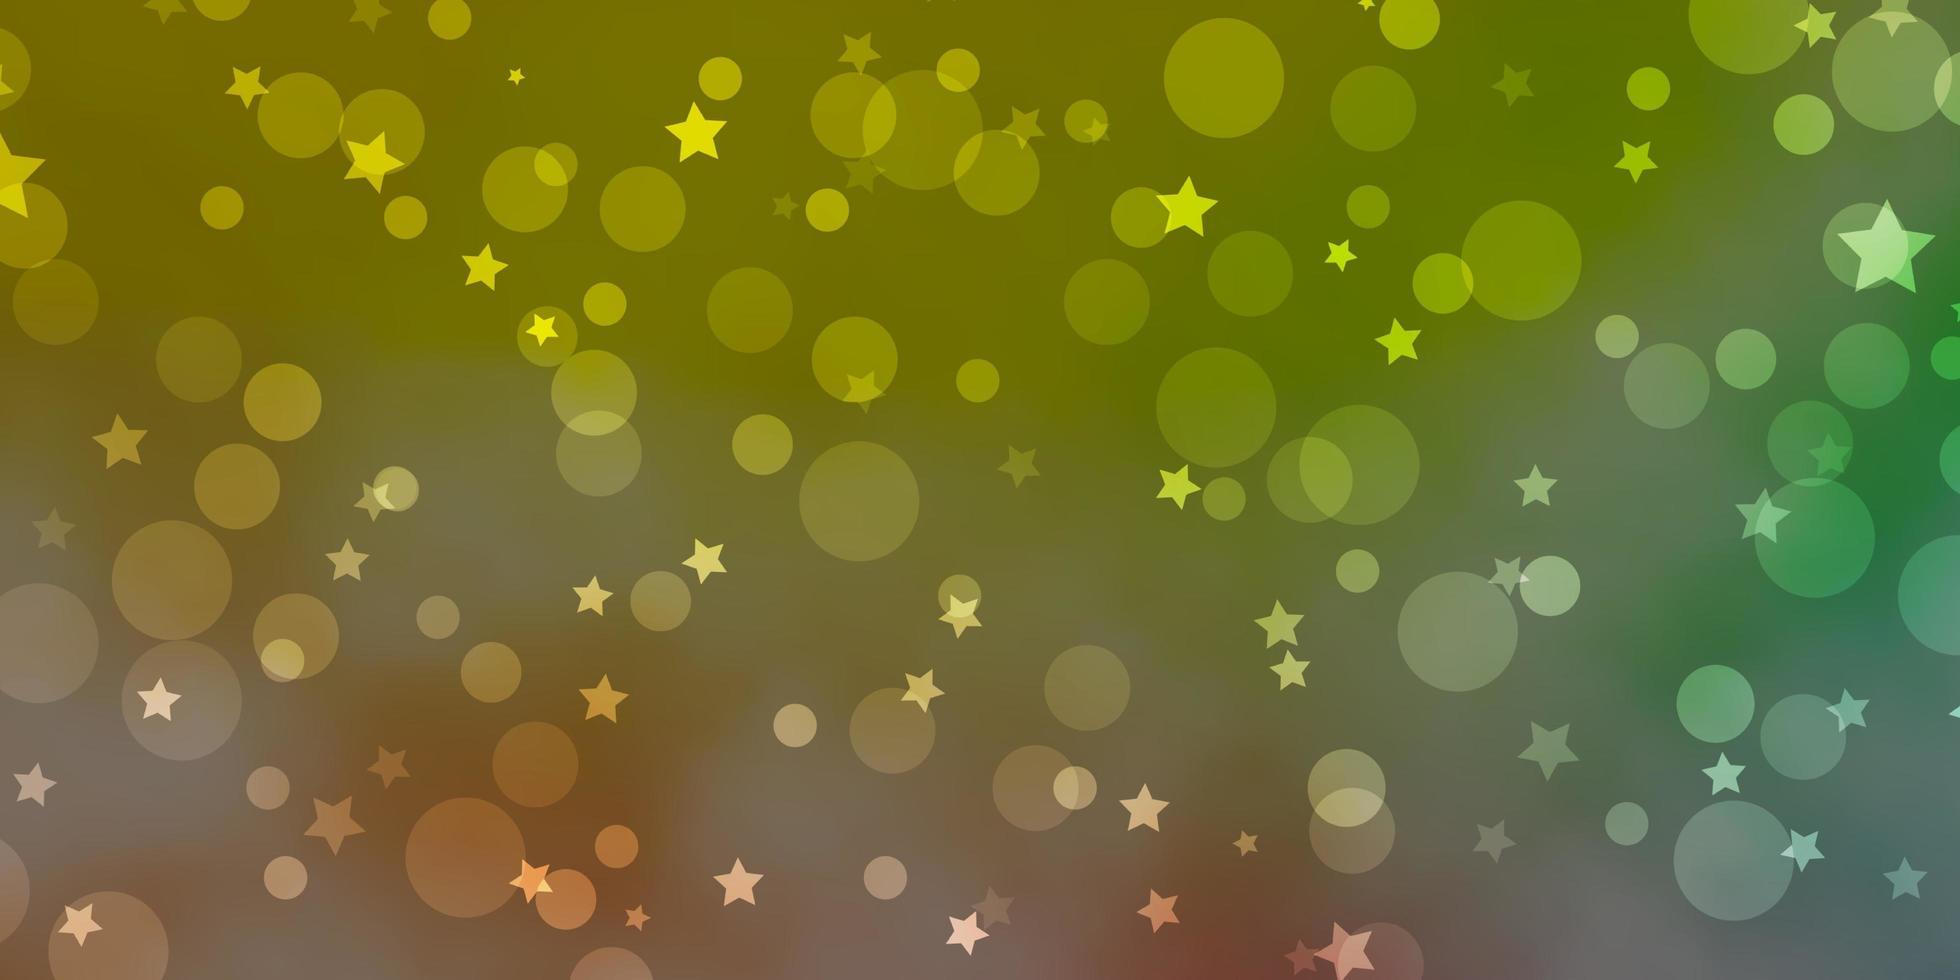 hellgrüner, roter Vektorhintergrund mit Kreisen, Sternen. vektor